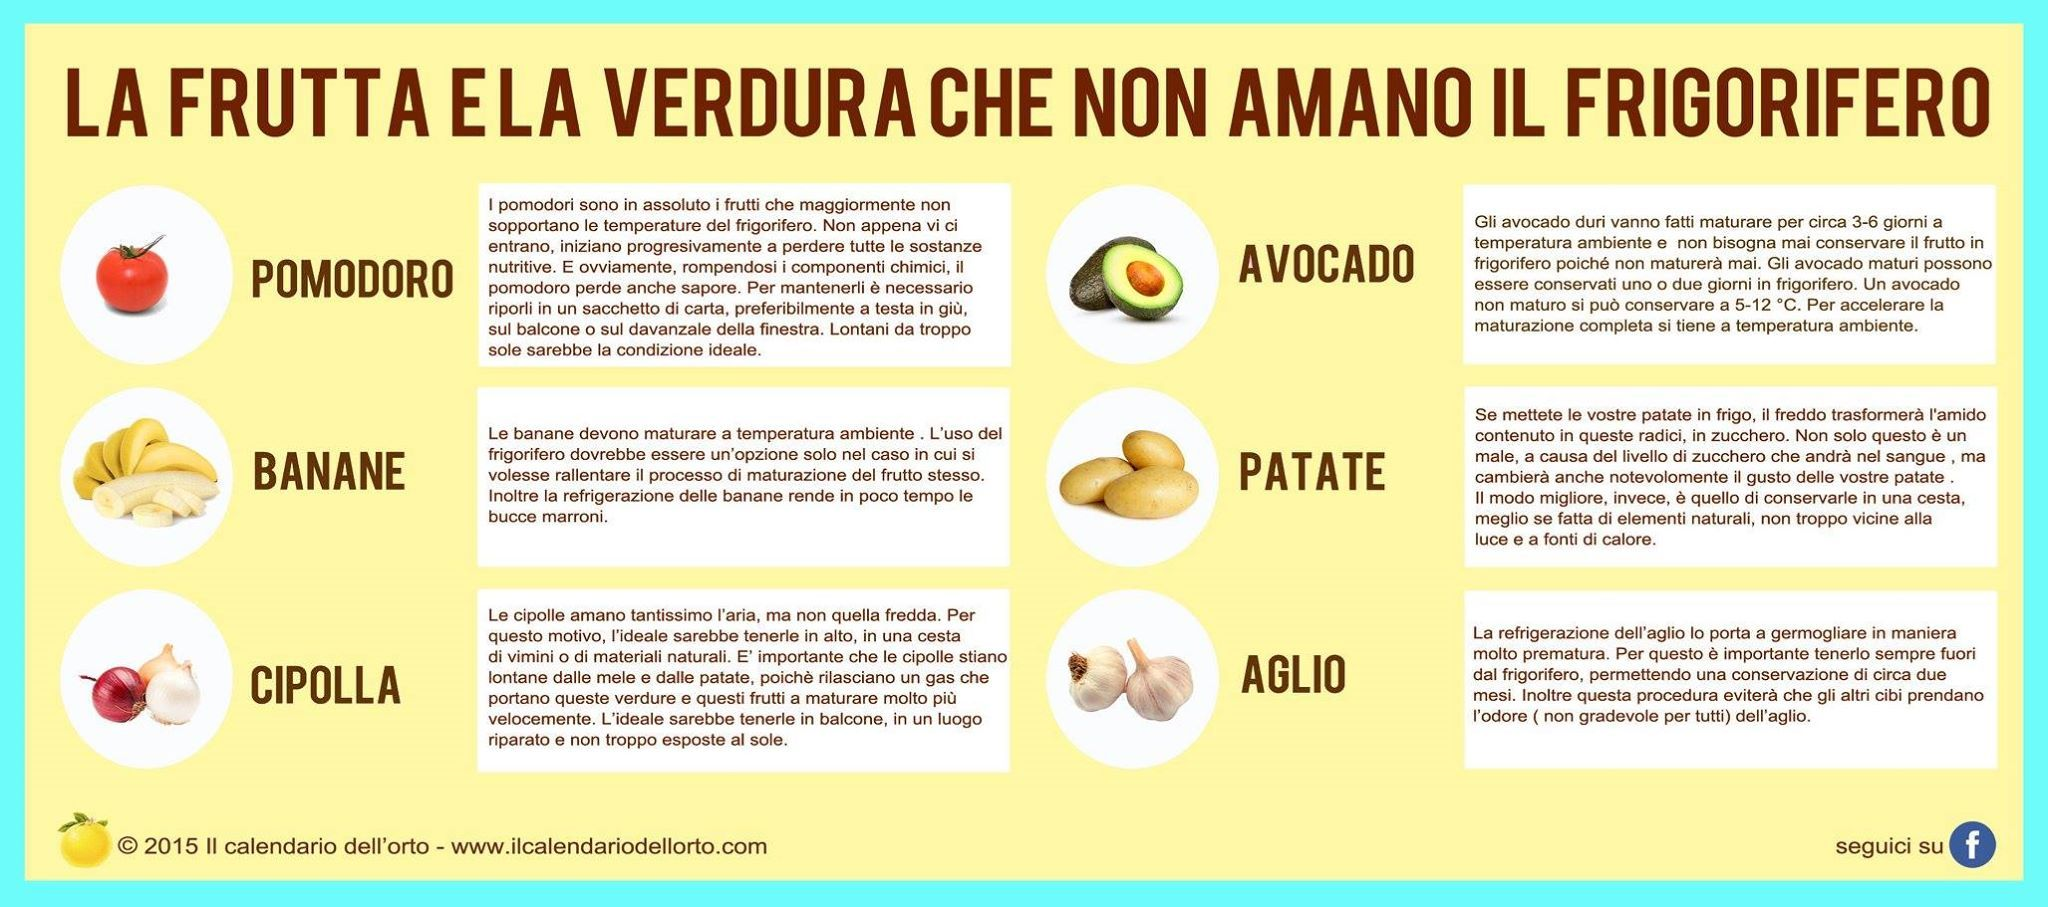 Frutta E Verdura Che Non Amano Il Frigorifero Conservare Alimenti Frutta Verdura